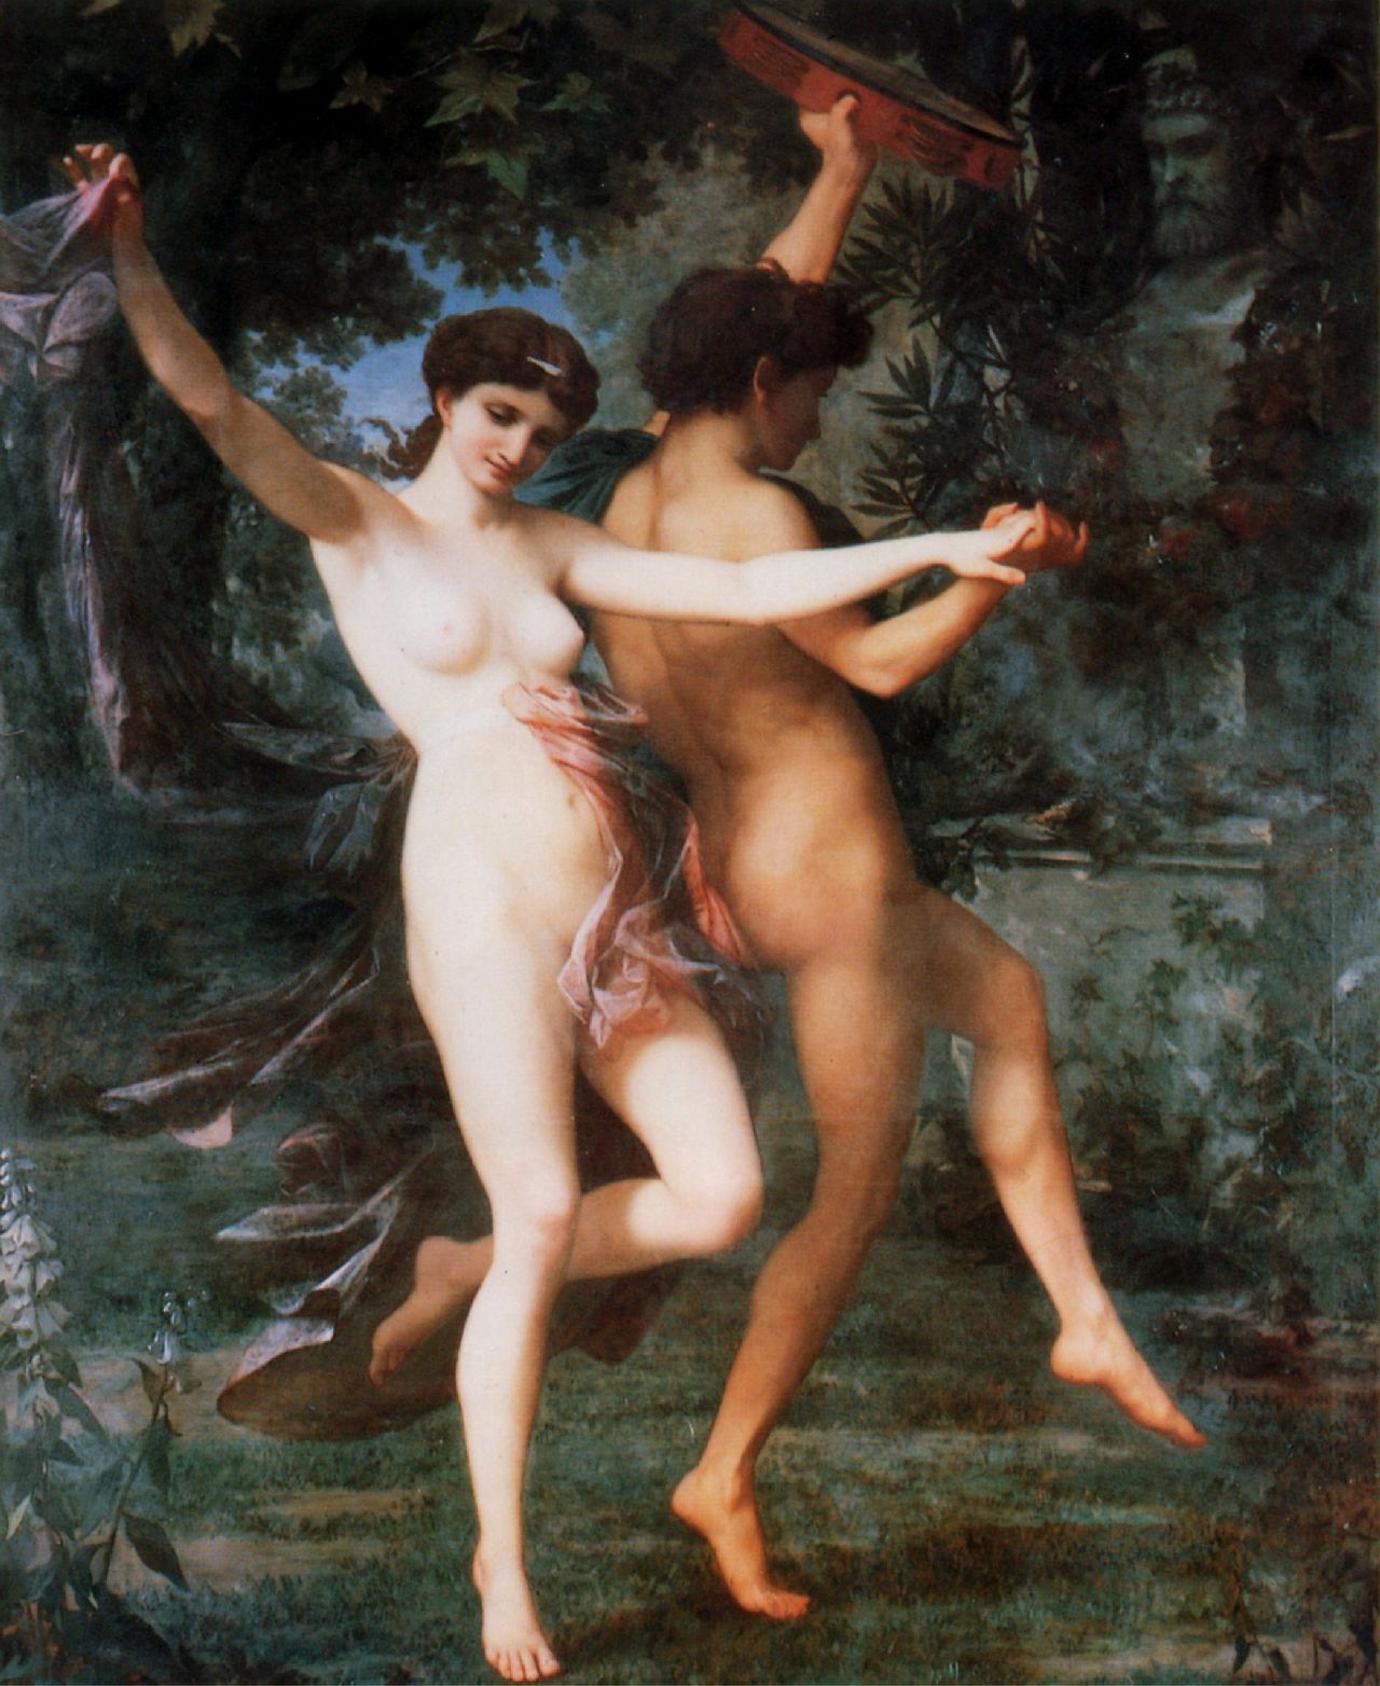 eroticheskie-kartini-velikih-hudozhnikov